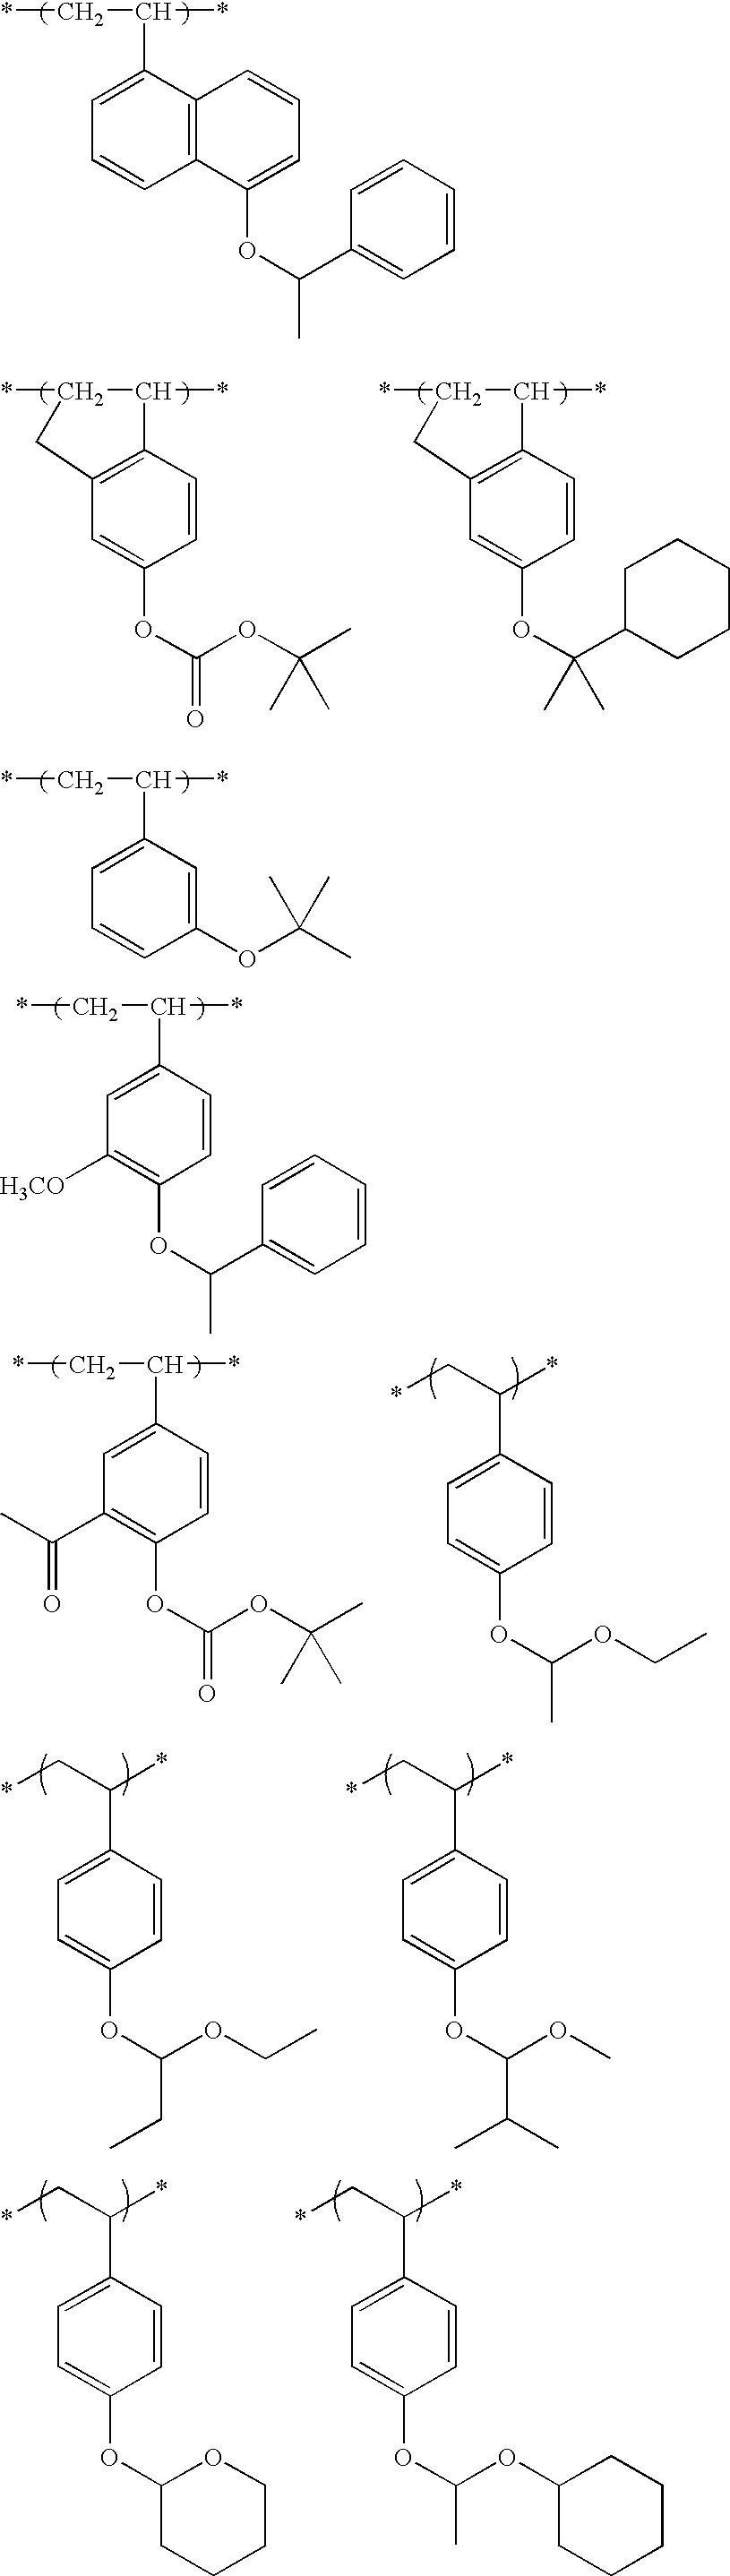 Figure US20100183975A1-20100722-C00086